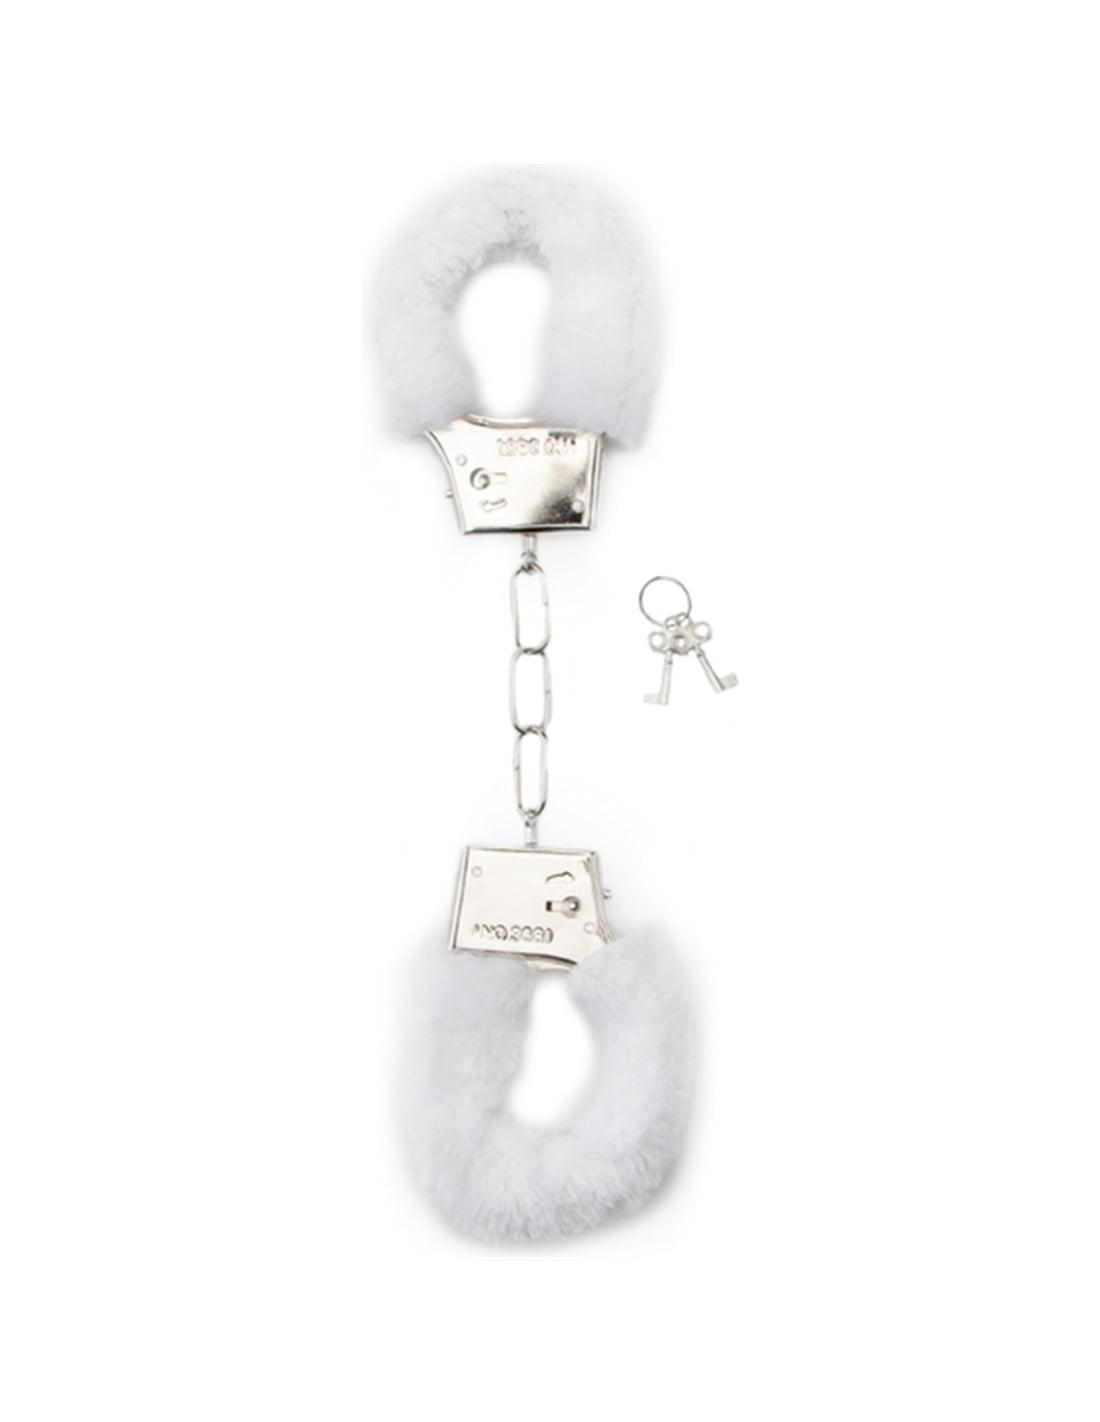 Algemas com Peluche Furry Handcuffs Brancas - Branco - PR2010328659